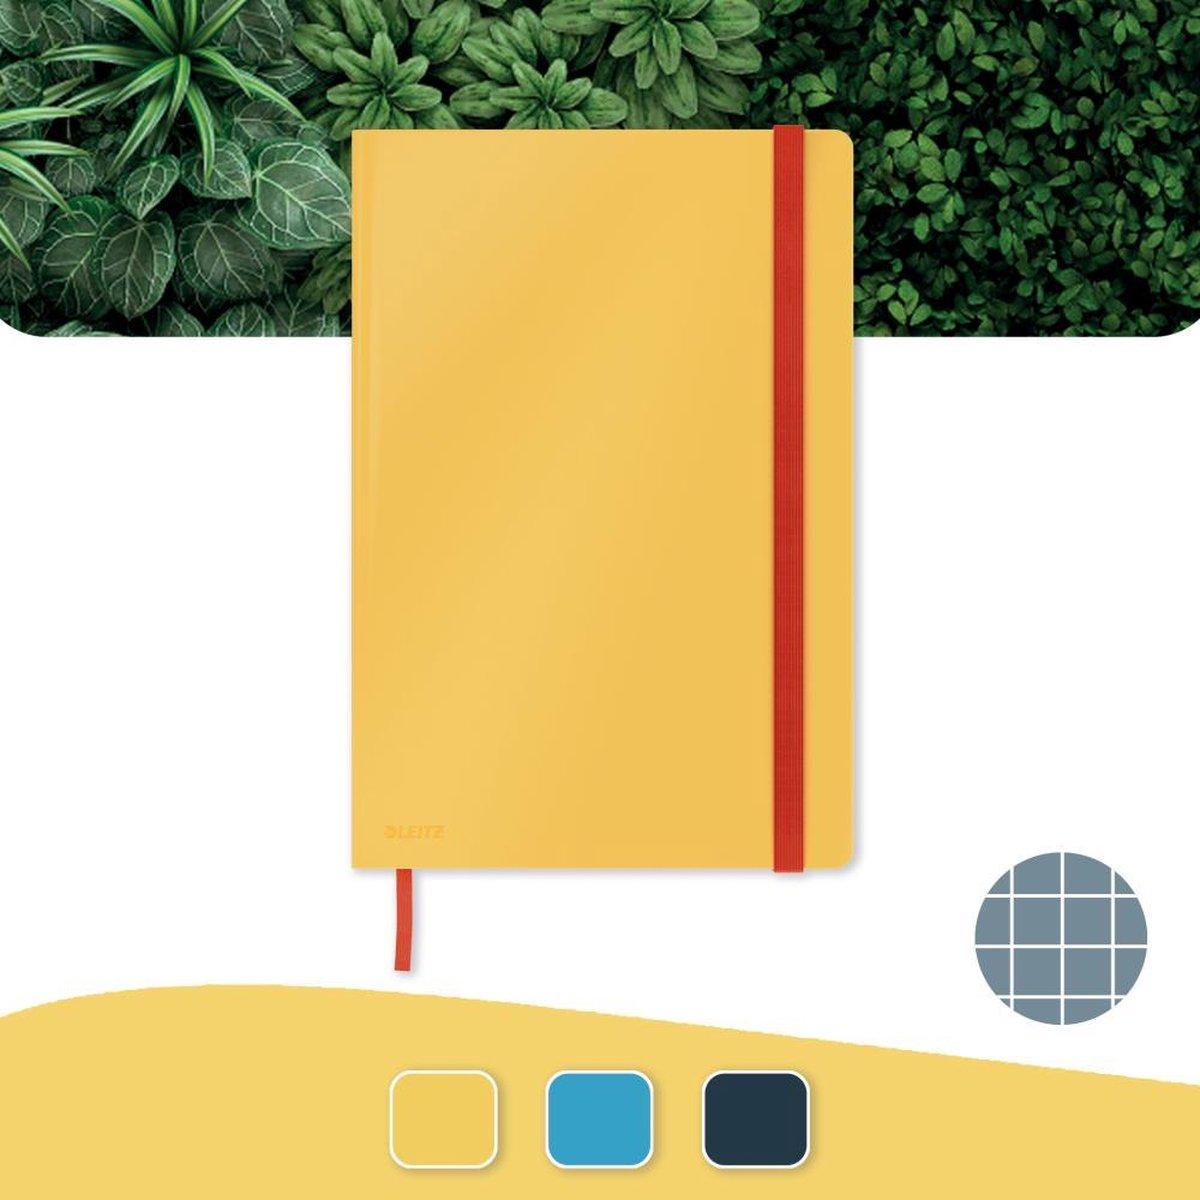 Leitz Cosy Notitieboek B5 Soft Touch Geruit - Notitieboek Hard Cover - Voor Kantoor En Thuiswerken - Warm Geel - Ideaal Voor Thuiskantoor